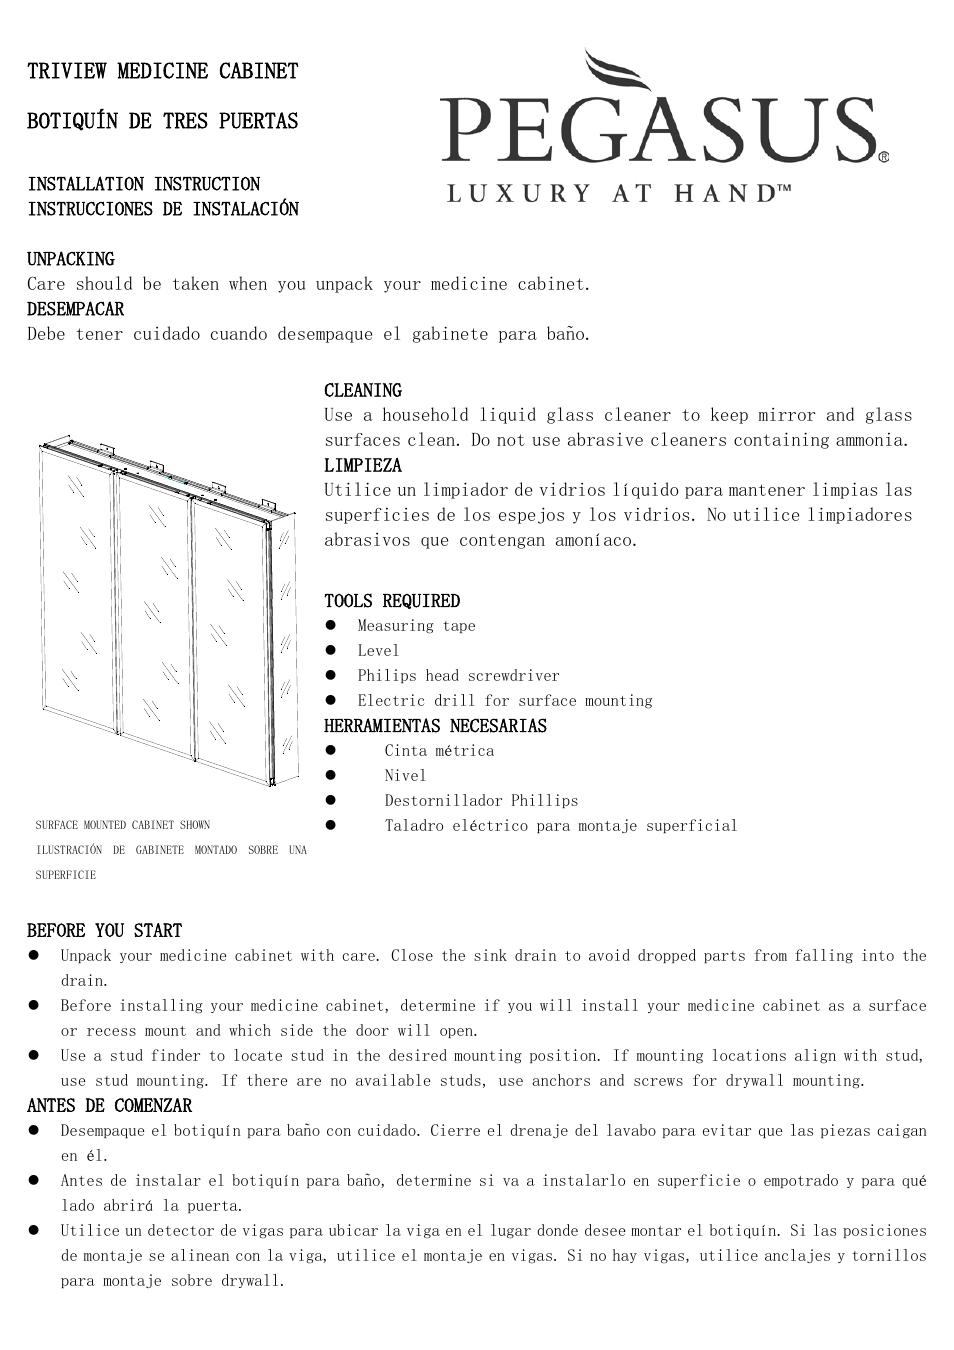 factory direct hardware pegasus sp4590 mirrored user manual 9 rh manualsdir com Computer Hardware Manual Pella Door Hardware Manual